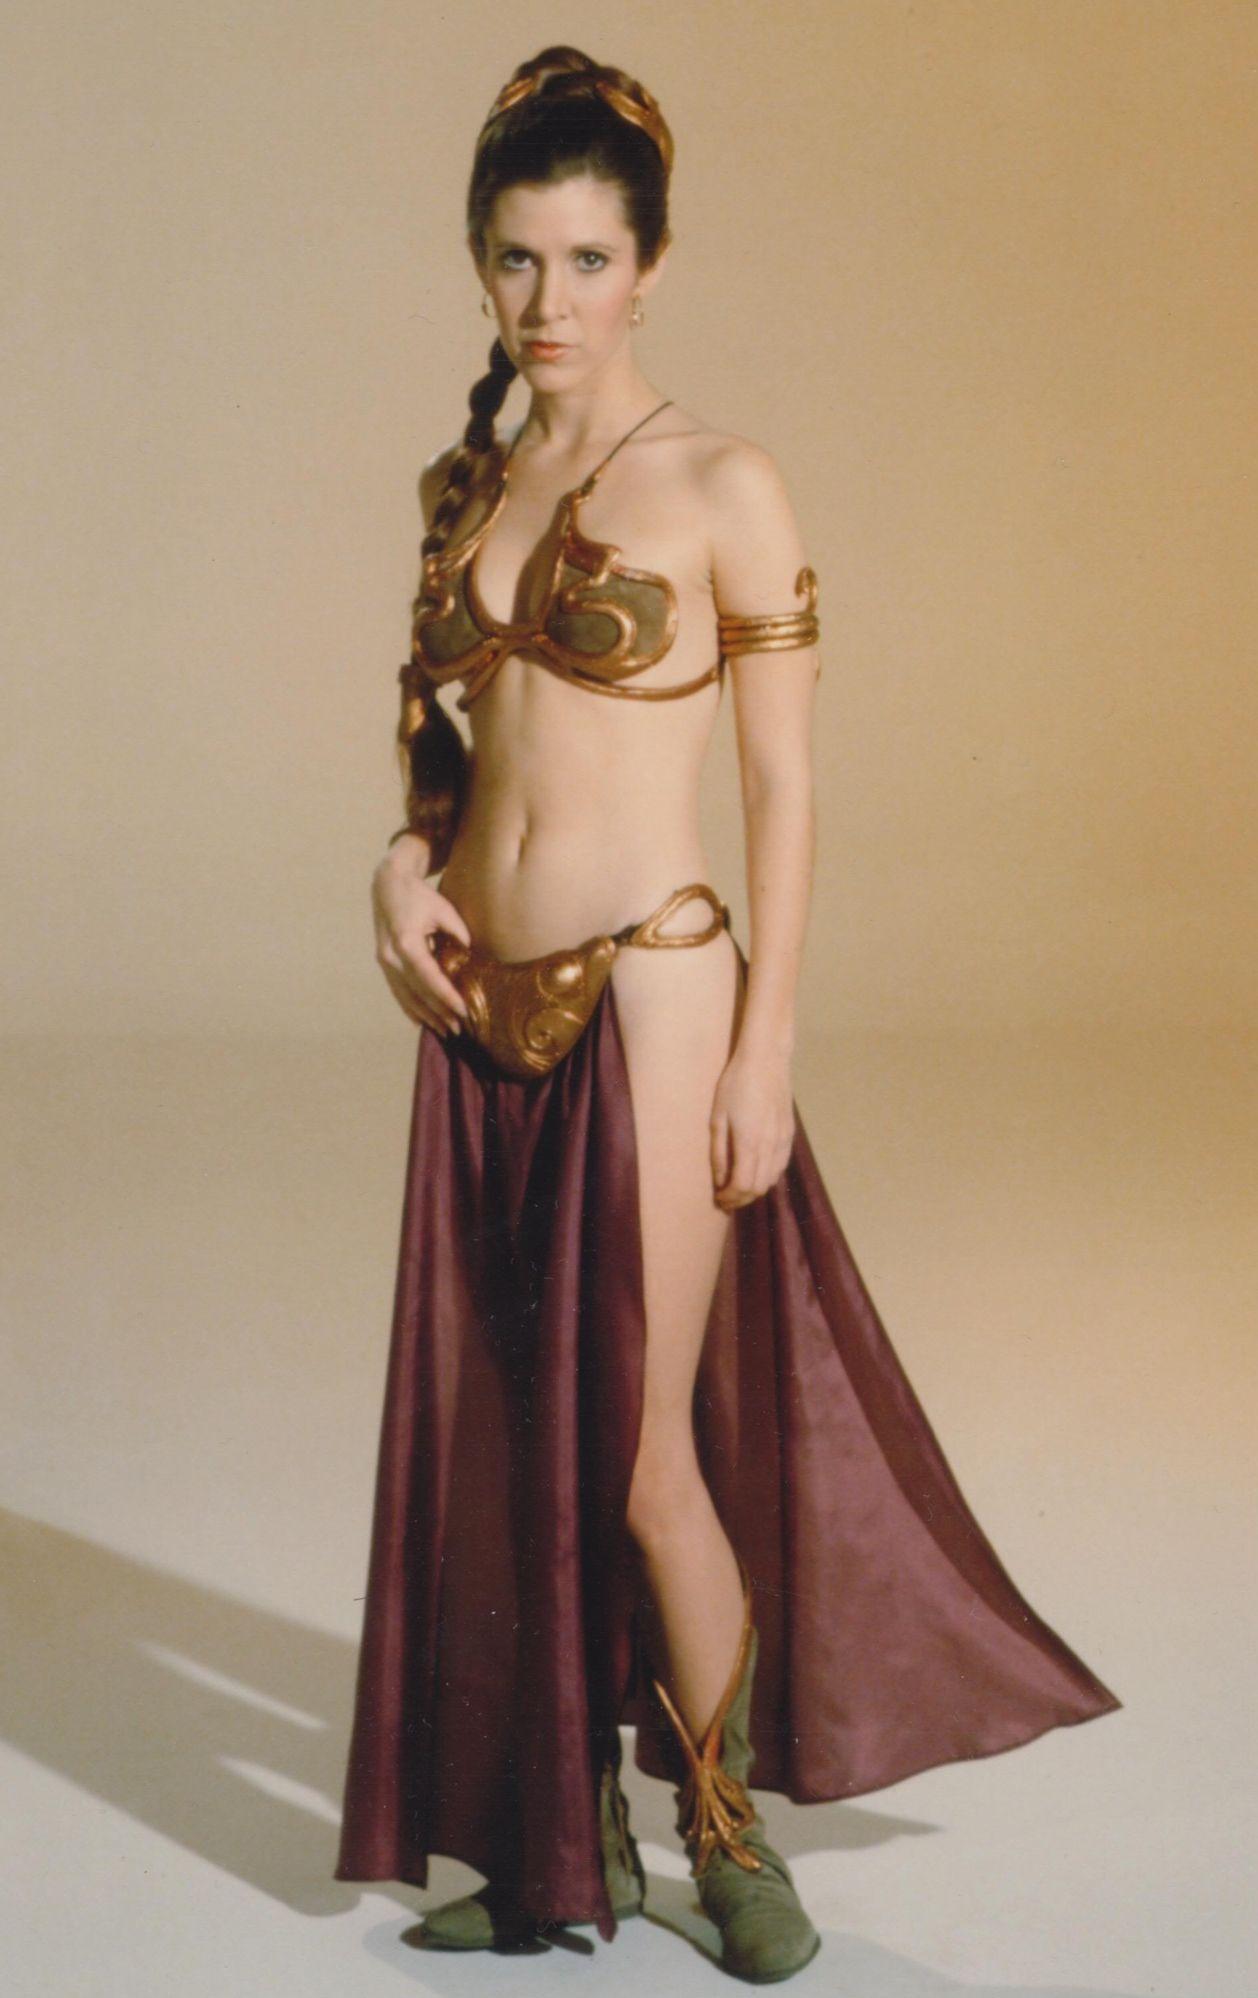 Star Wars Leia Prinzessin Millie Bobby